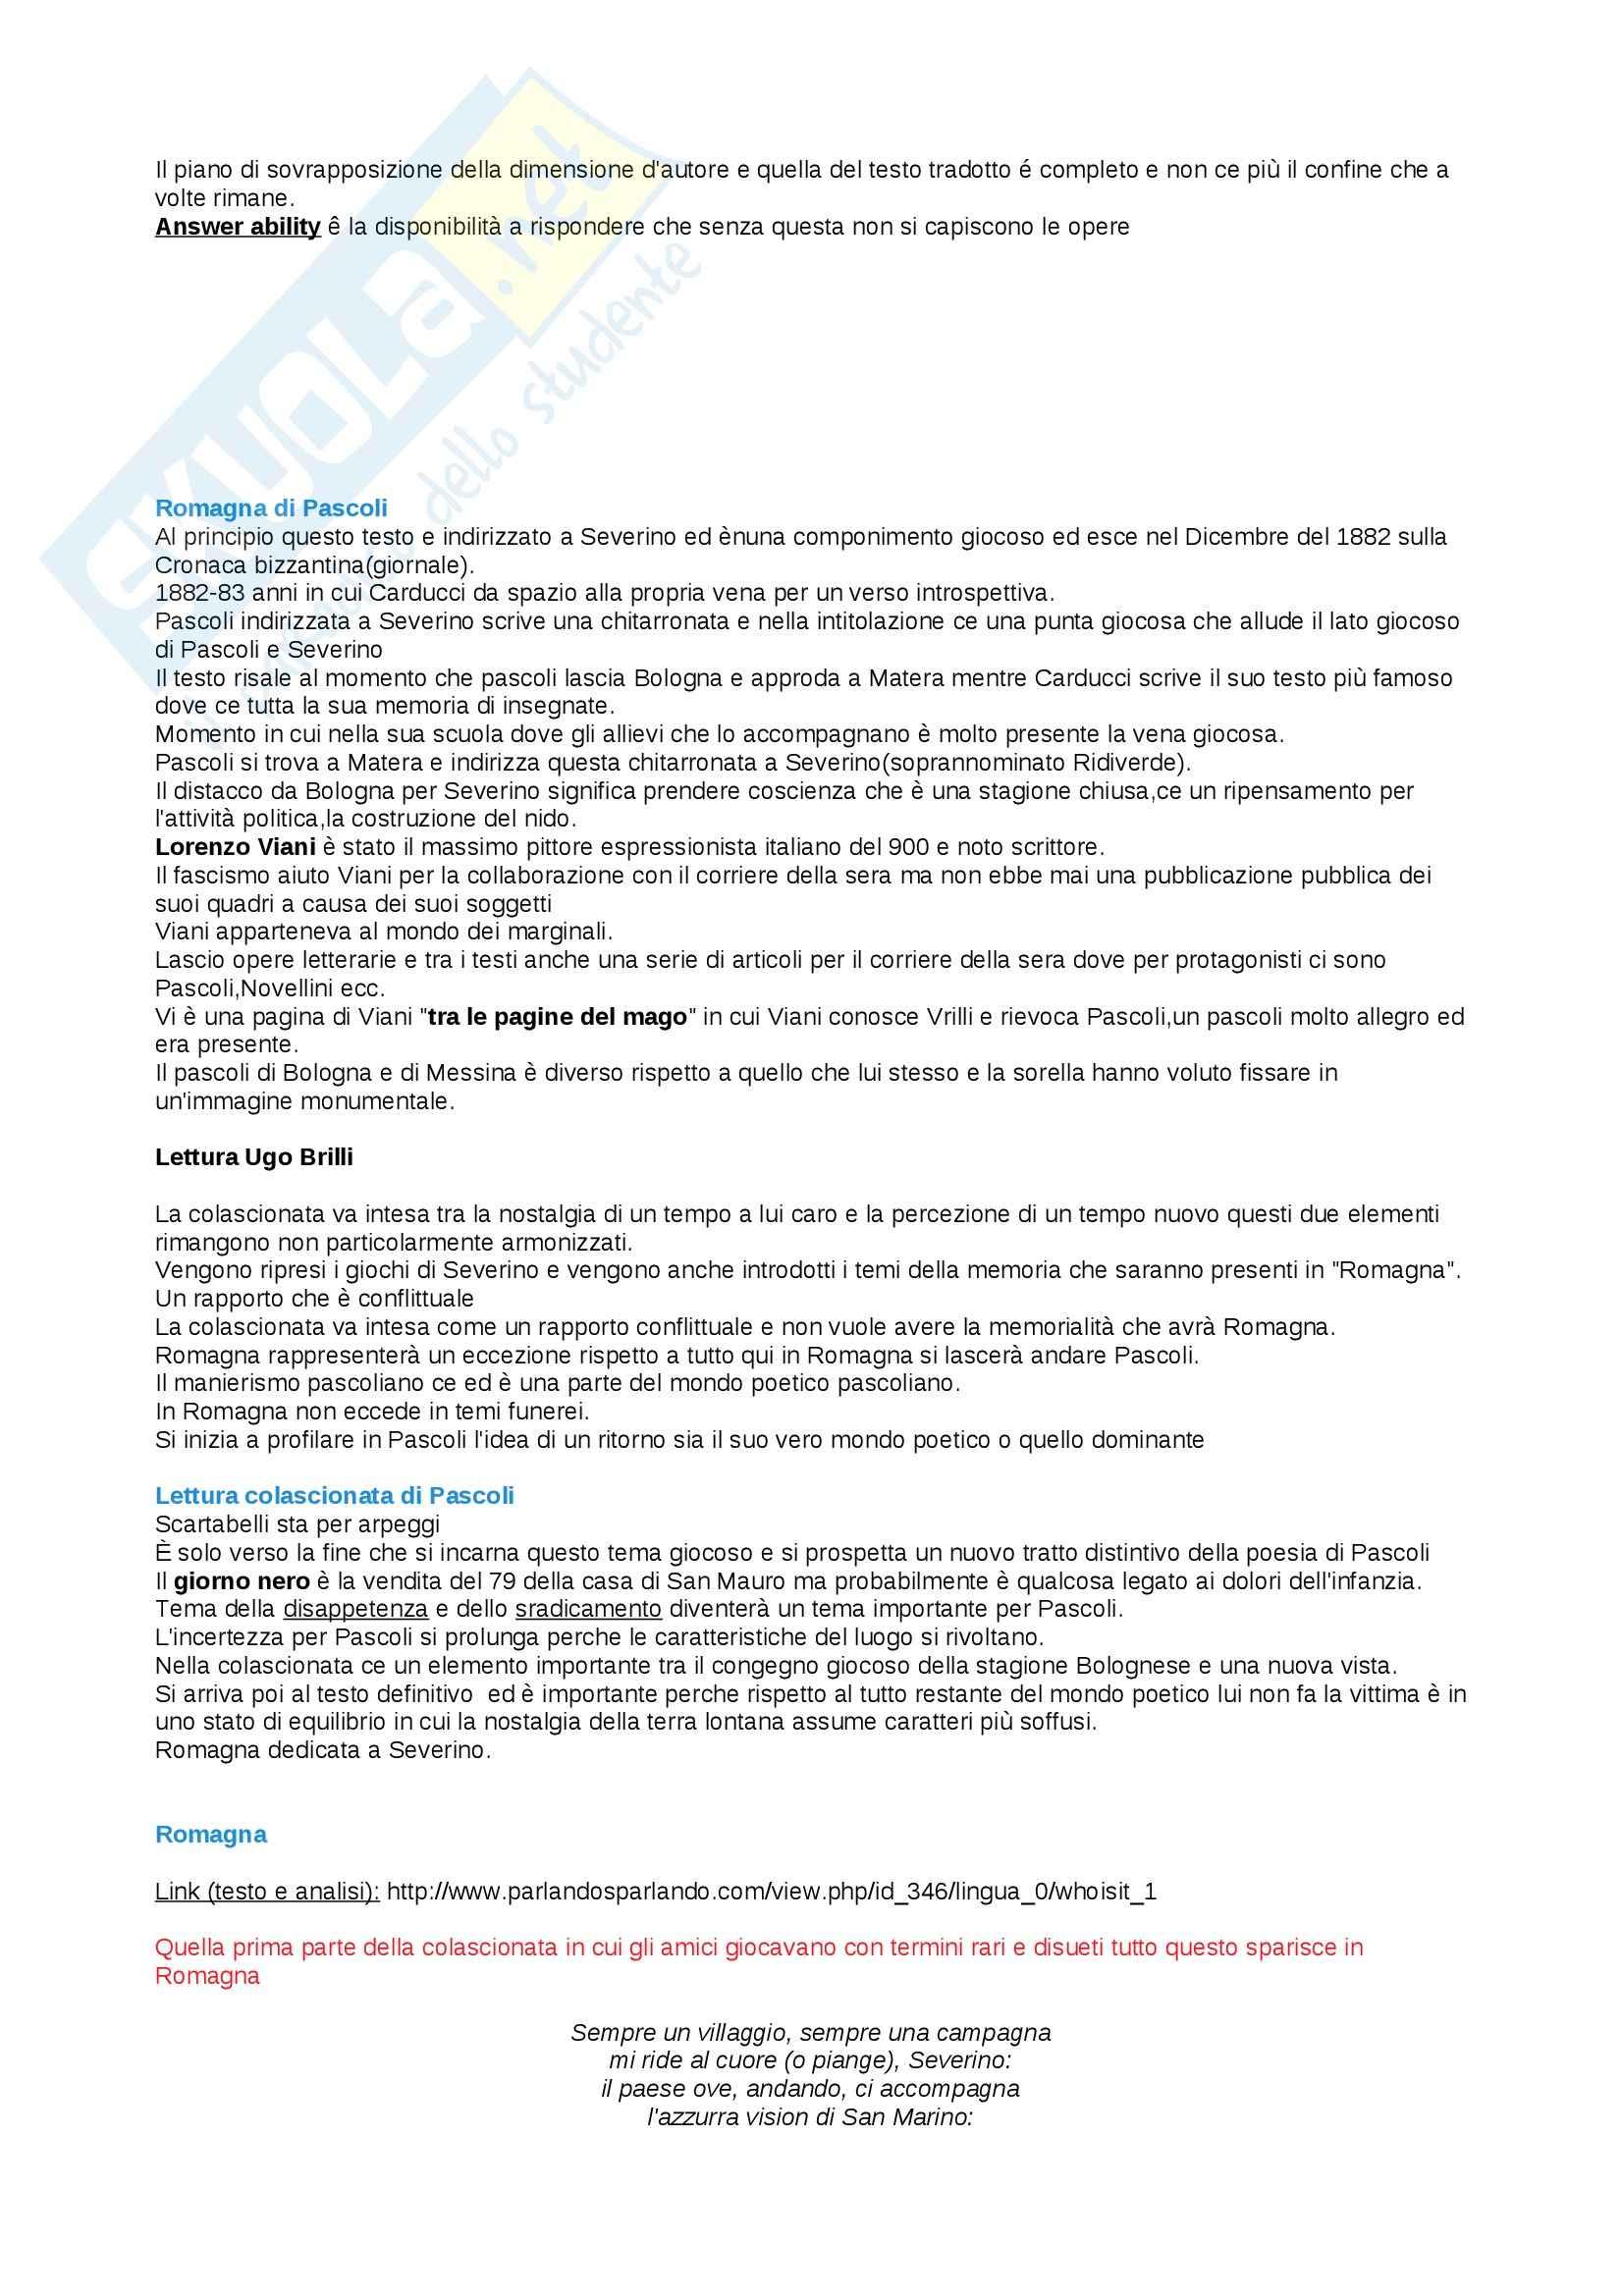 Lezioni, Letteratura italiana Pag. 21